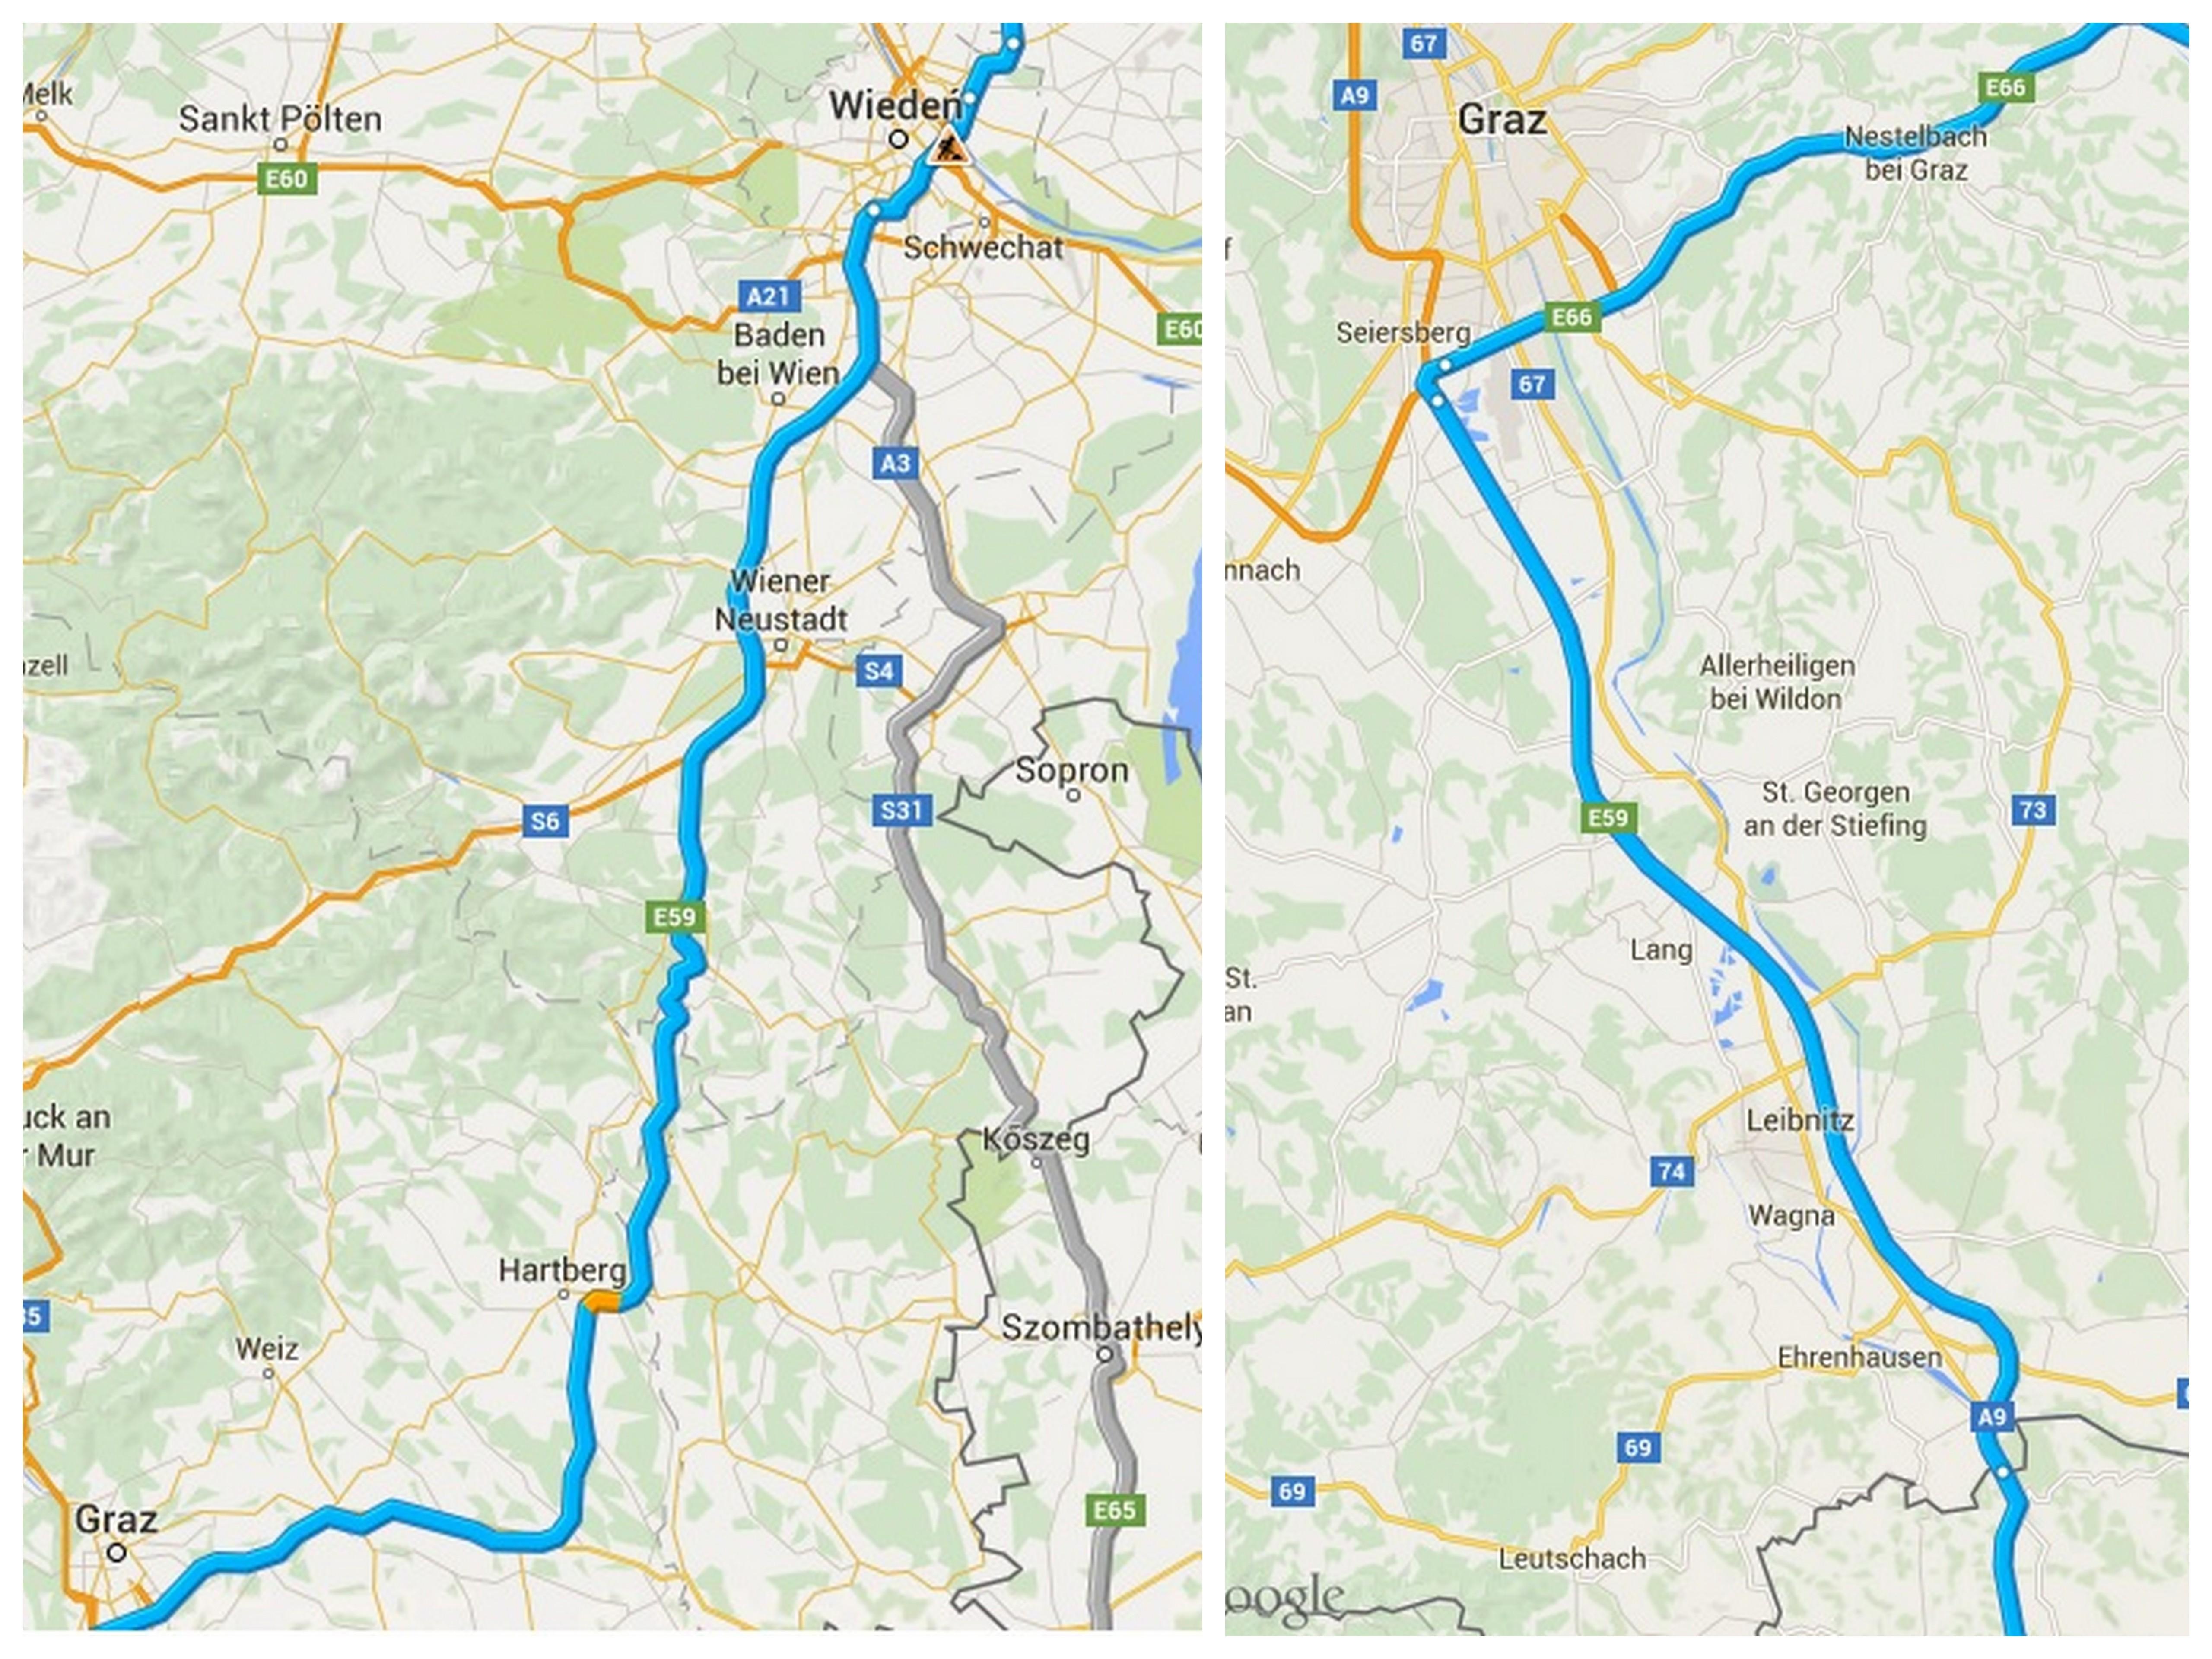 Dojazd samochodem do Chorwacji Austria 2 Wiedeń - Słowenia